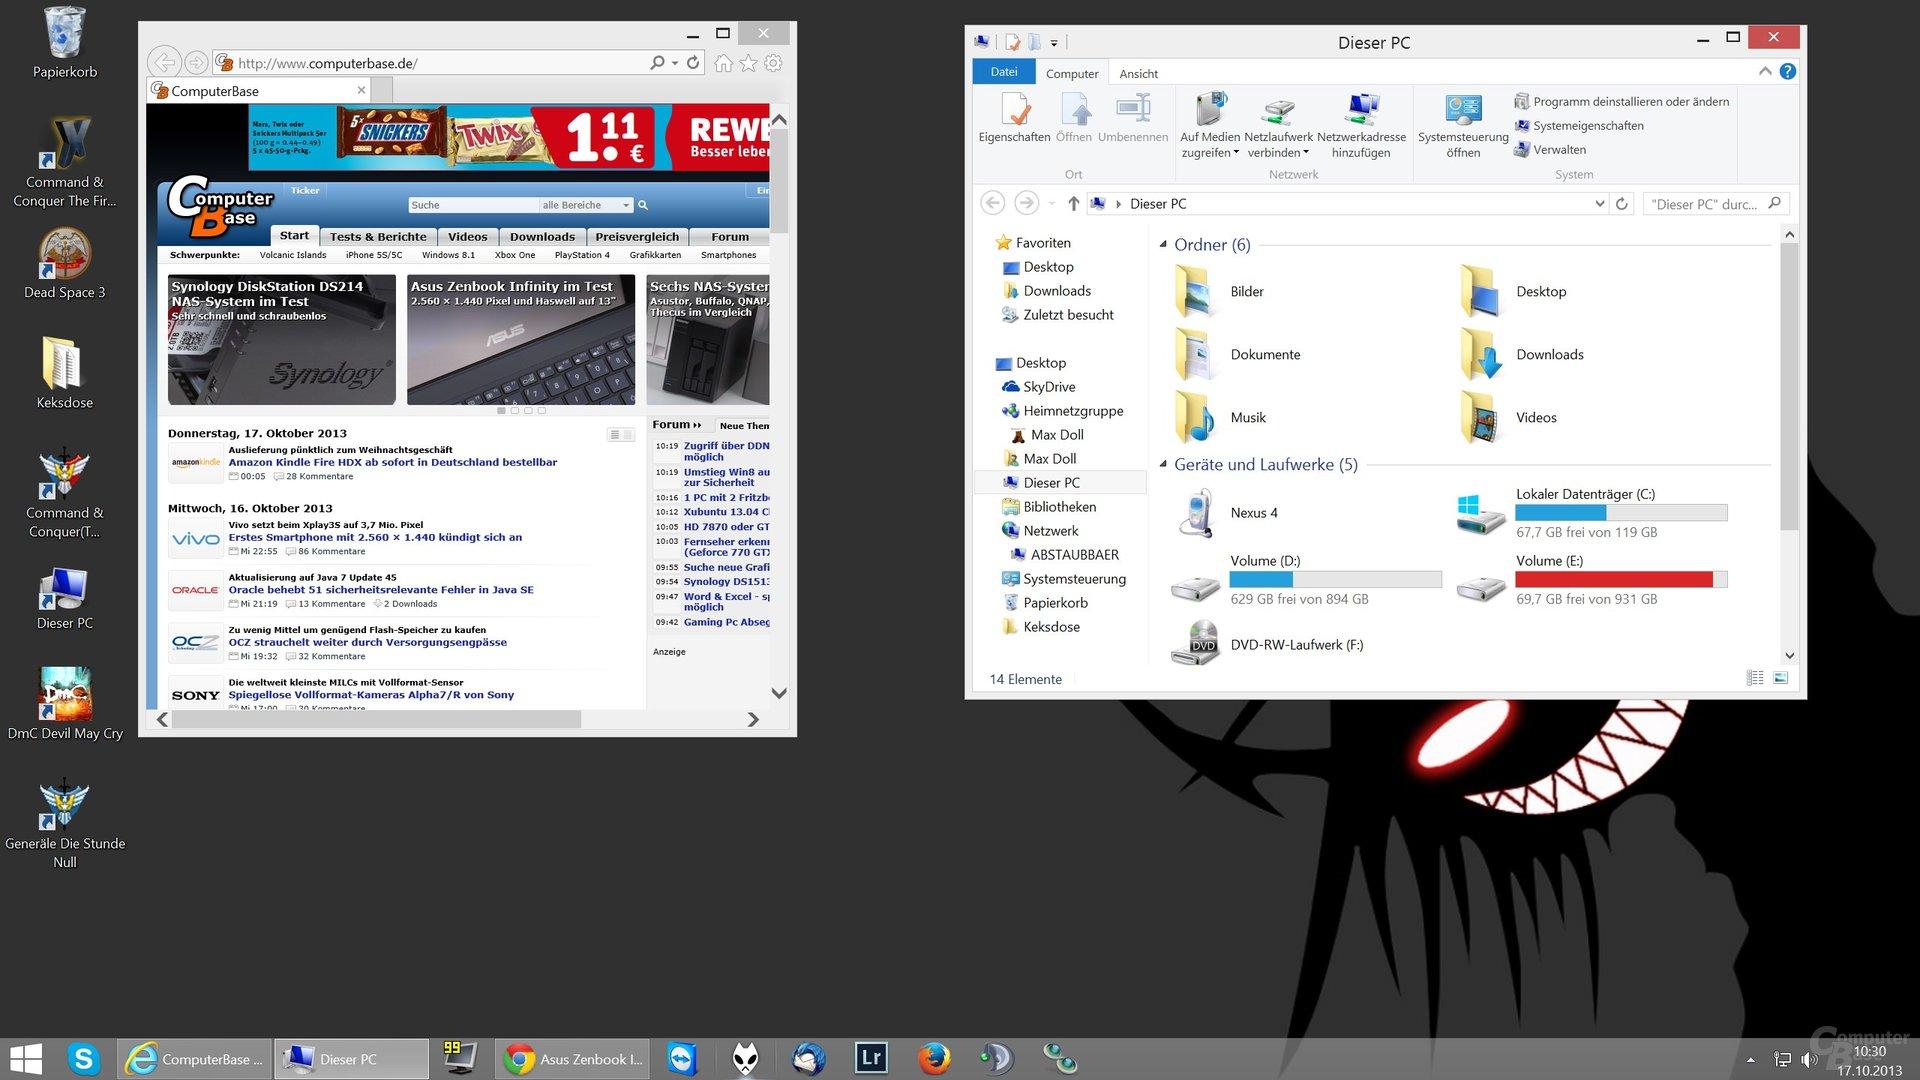 Desktop-Skalierung auf 150% (2560 x 1440)